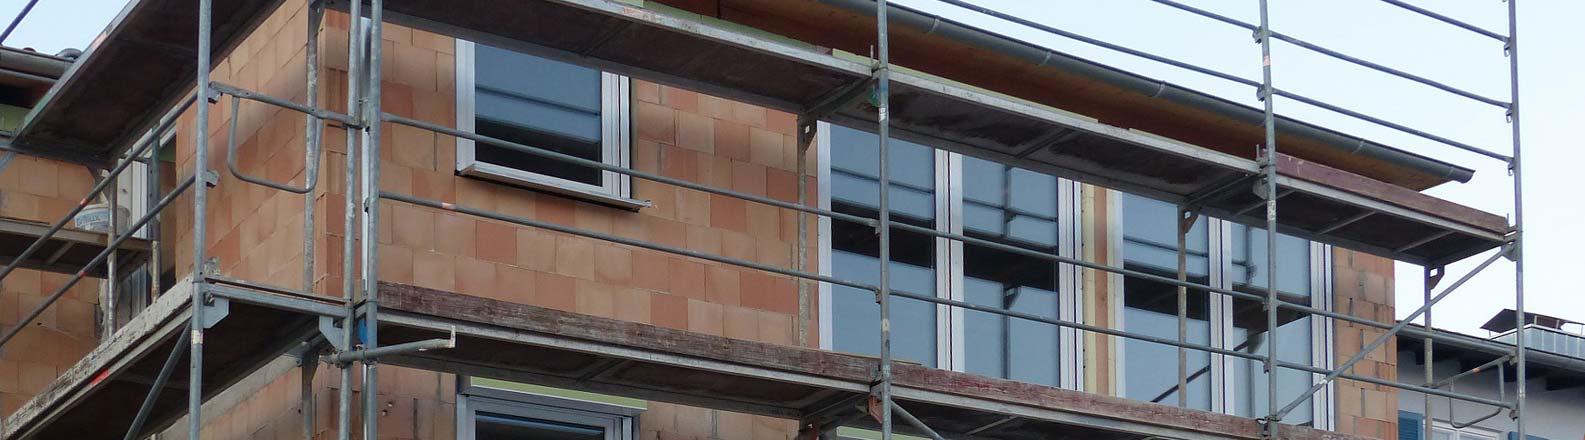 Schweinstetter GmbH, Rohbauarbeiten